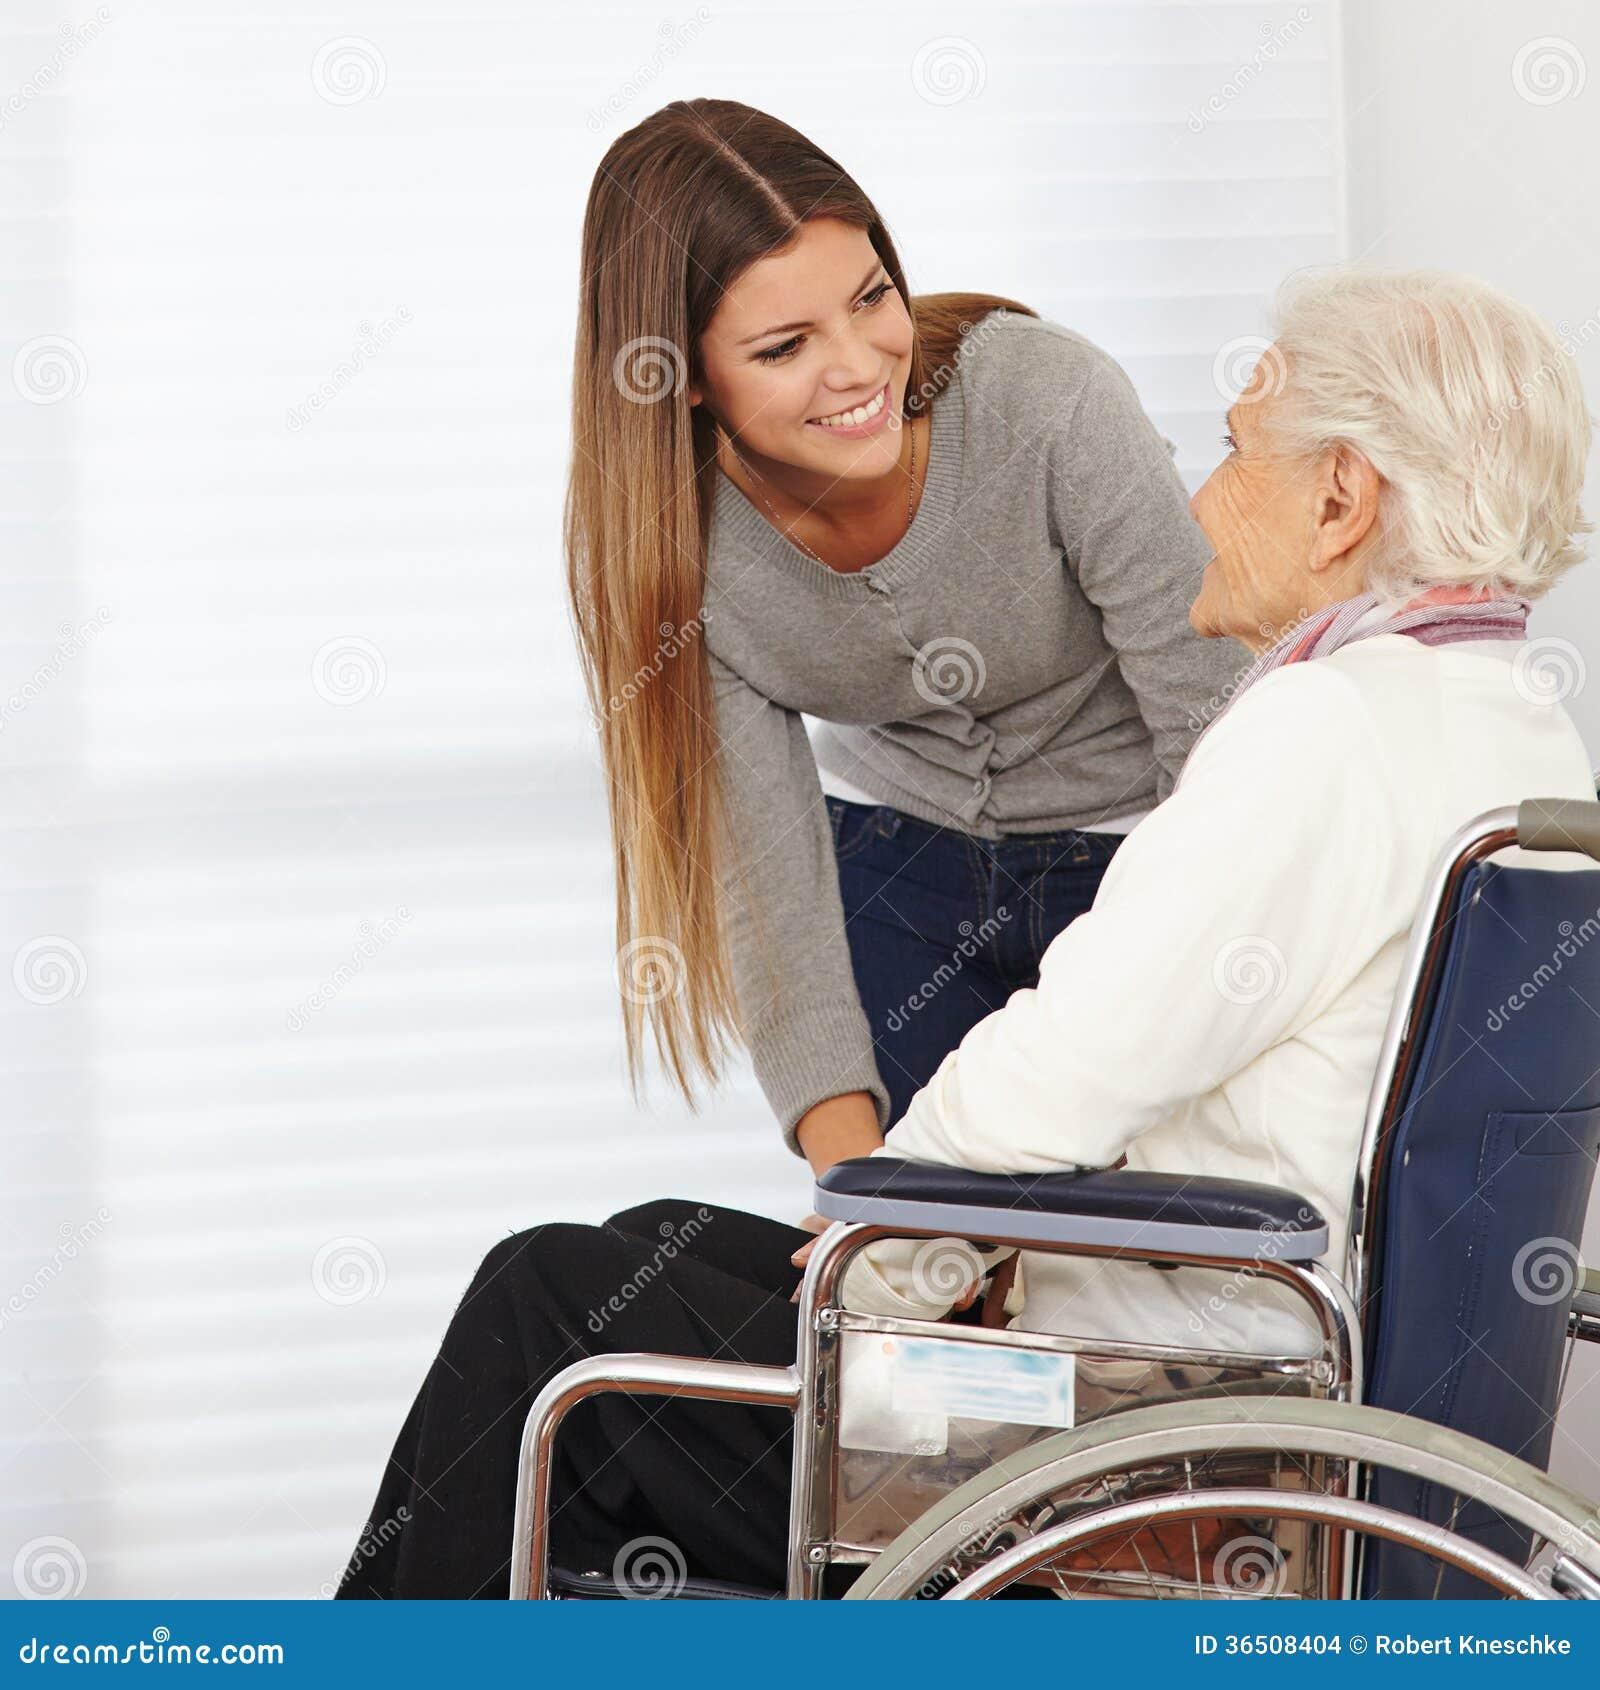 Woman talking to senior citizen